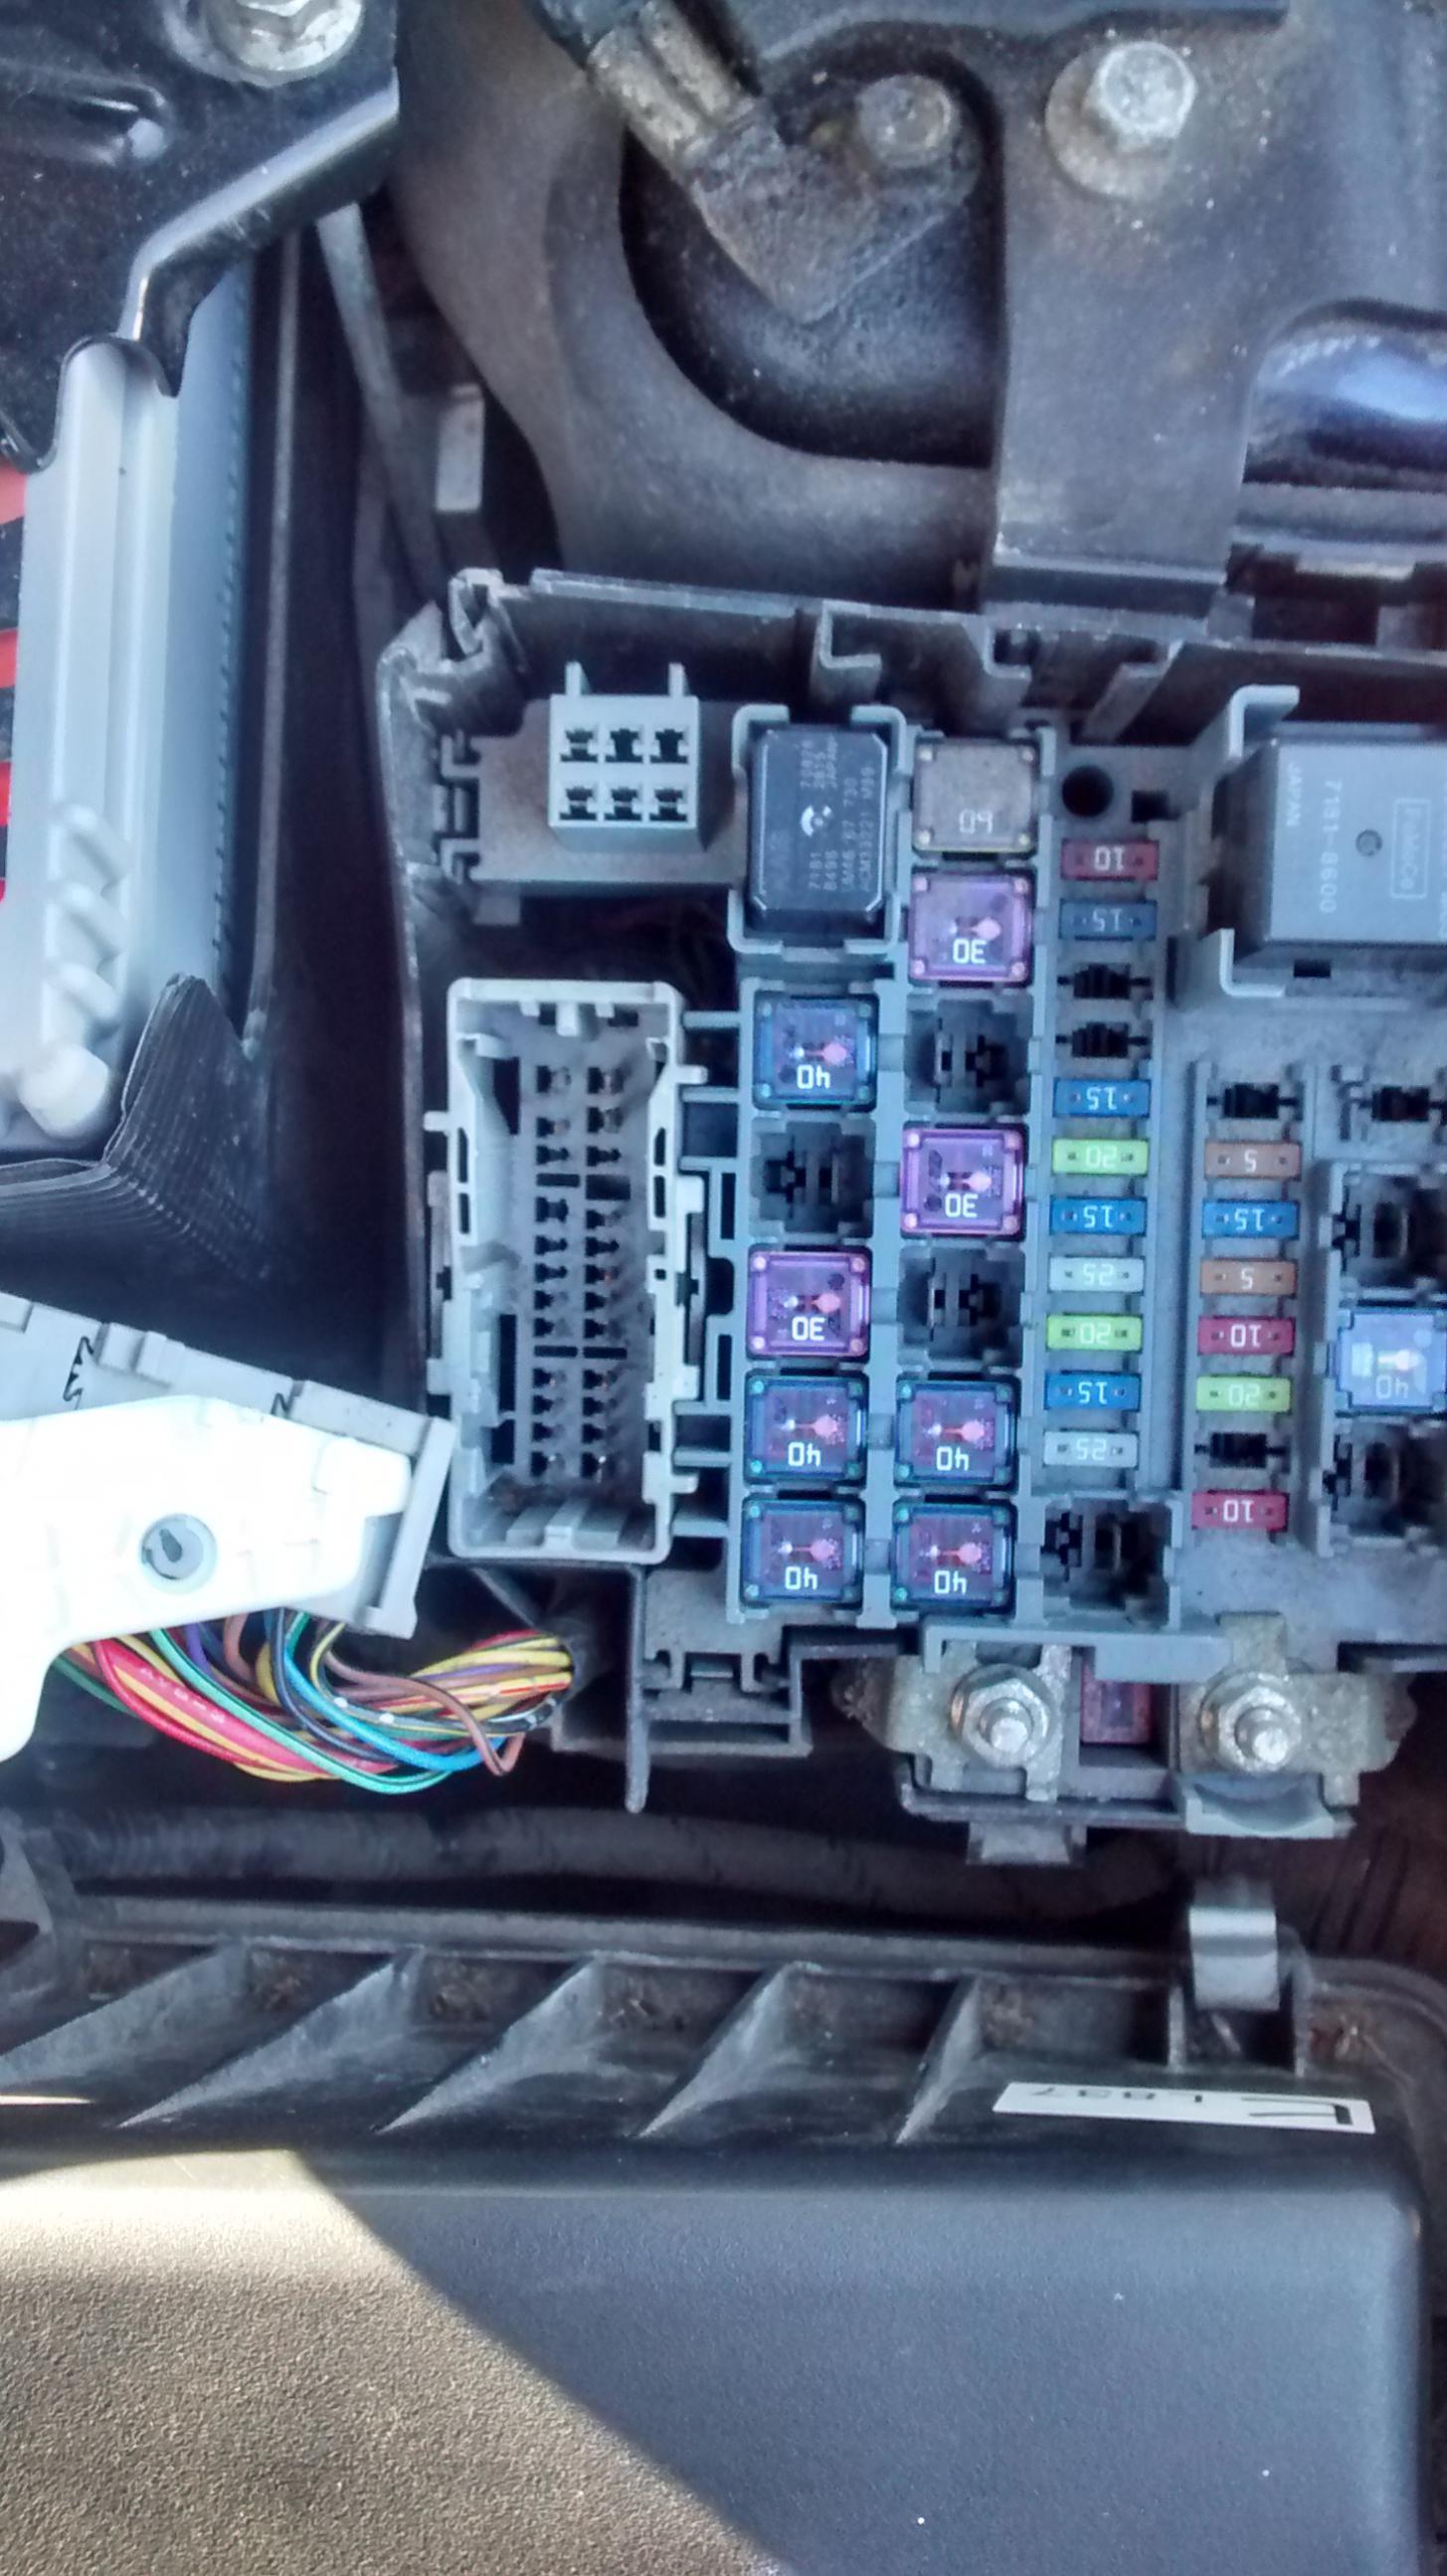 2010 mazda 6 fuse box location random alarm triggering fixed  mazda 6 forums  random alarm triggering fixed  mazda